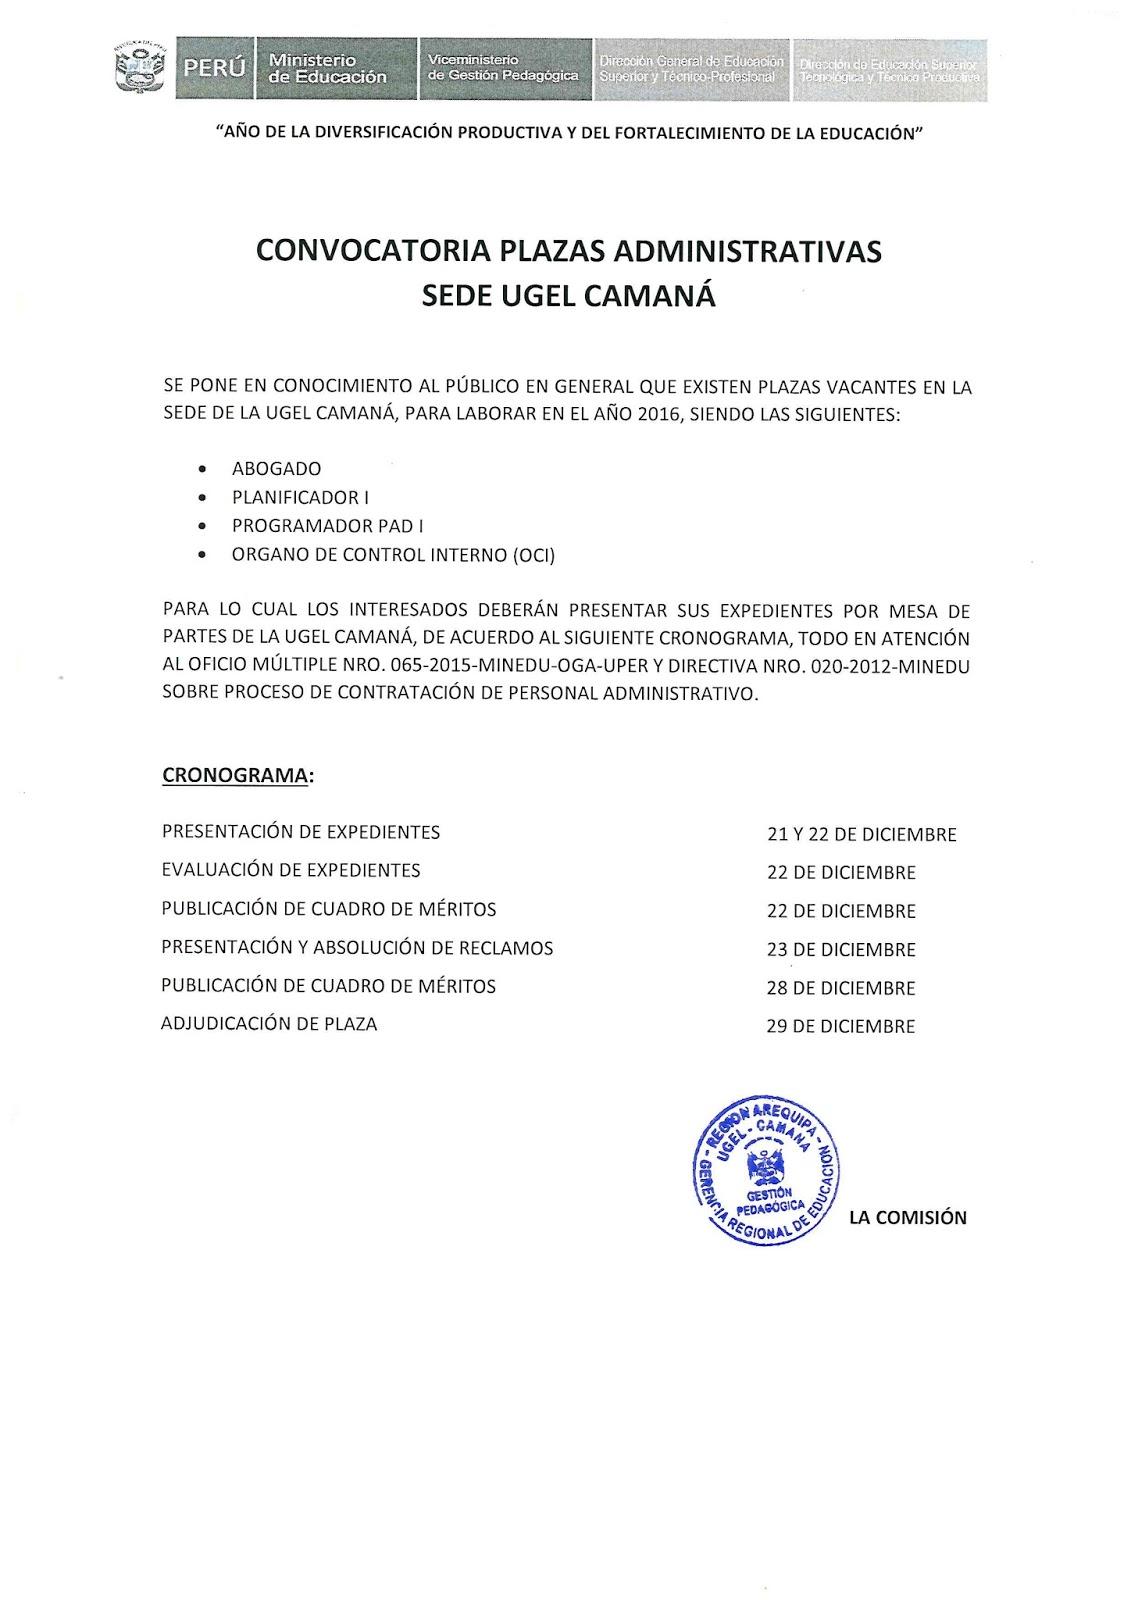 Cronograma de convocatoria de contrato cas 2016 ugel for Convocatoria de plazas docentes 2017